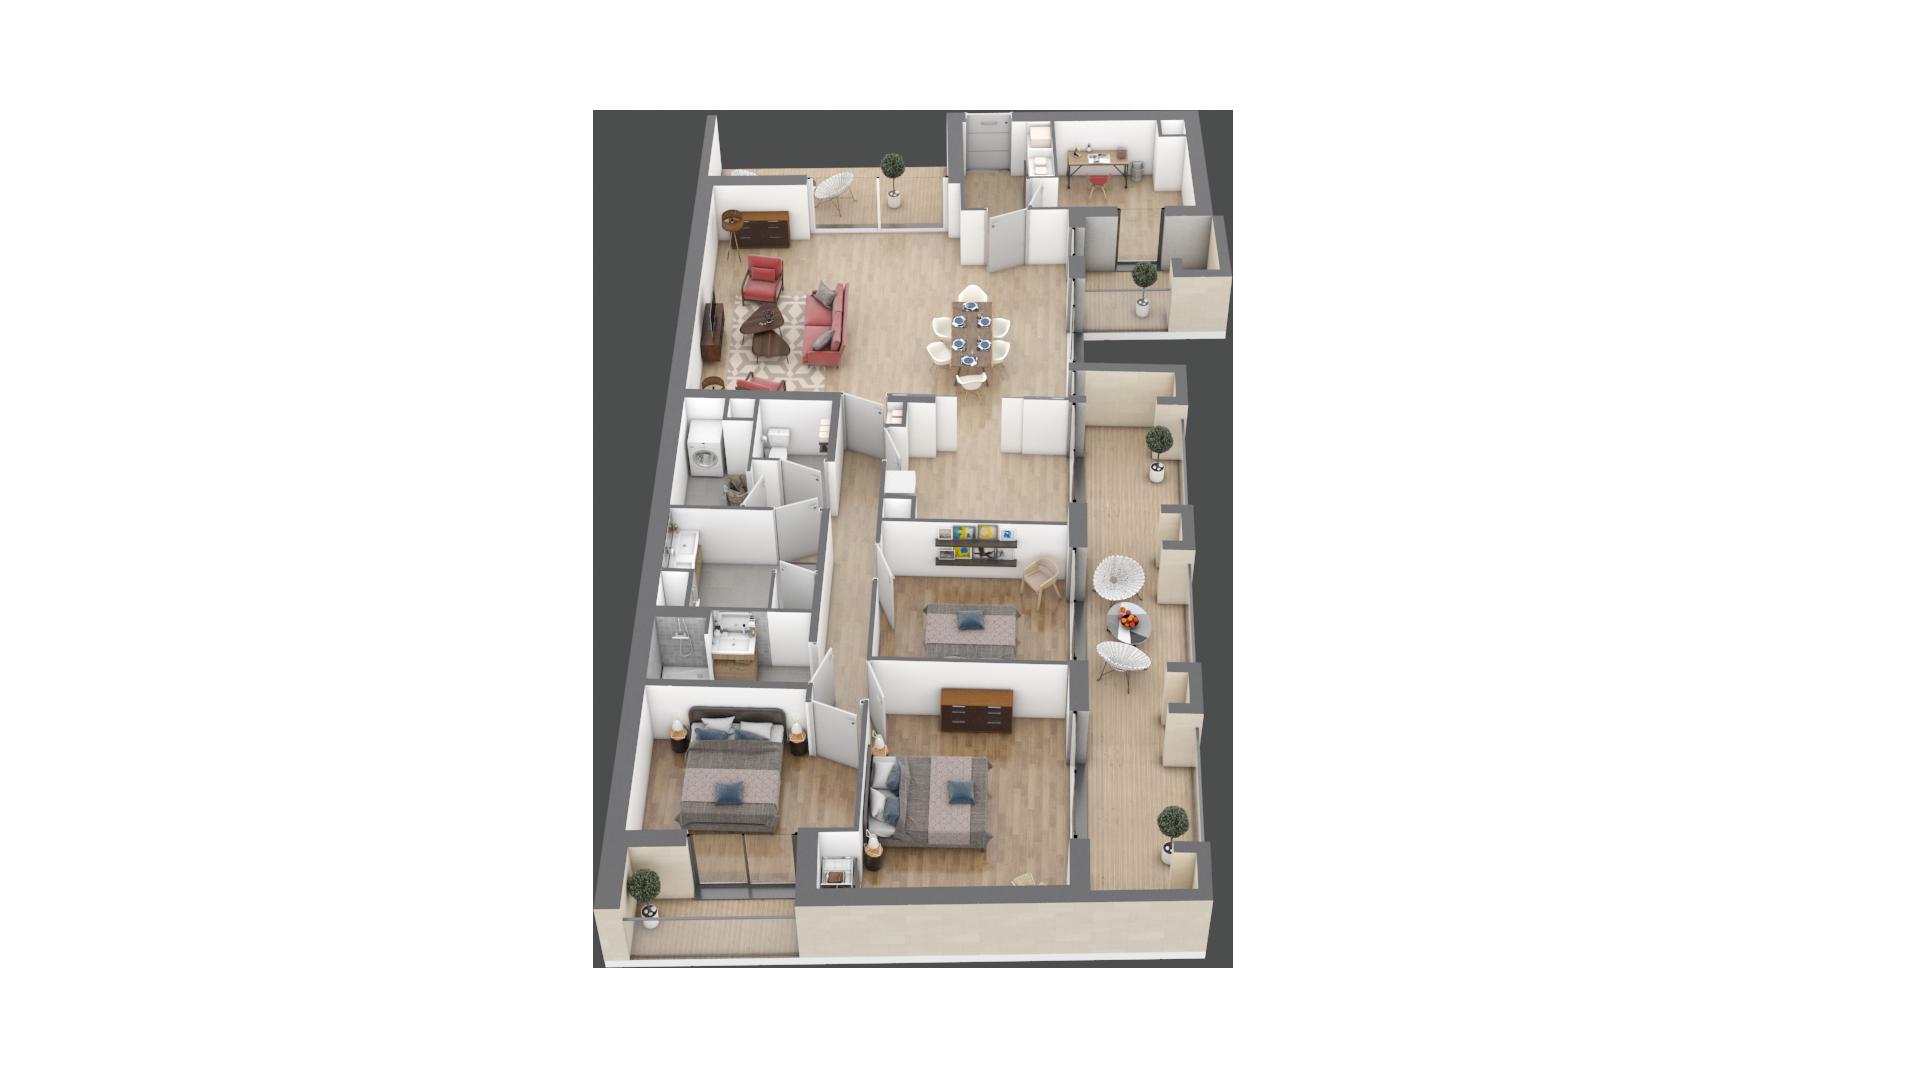 appartement A201 de type T5